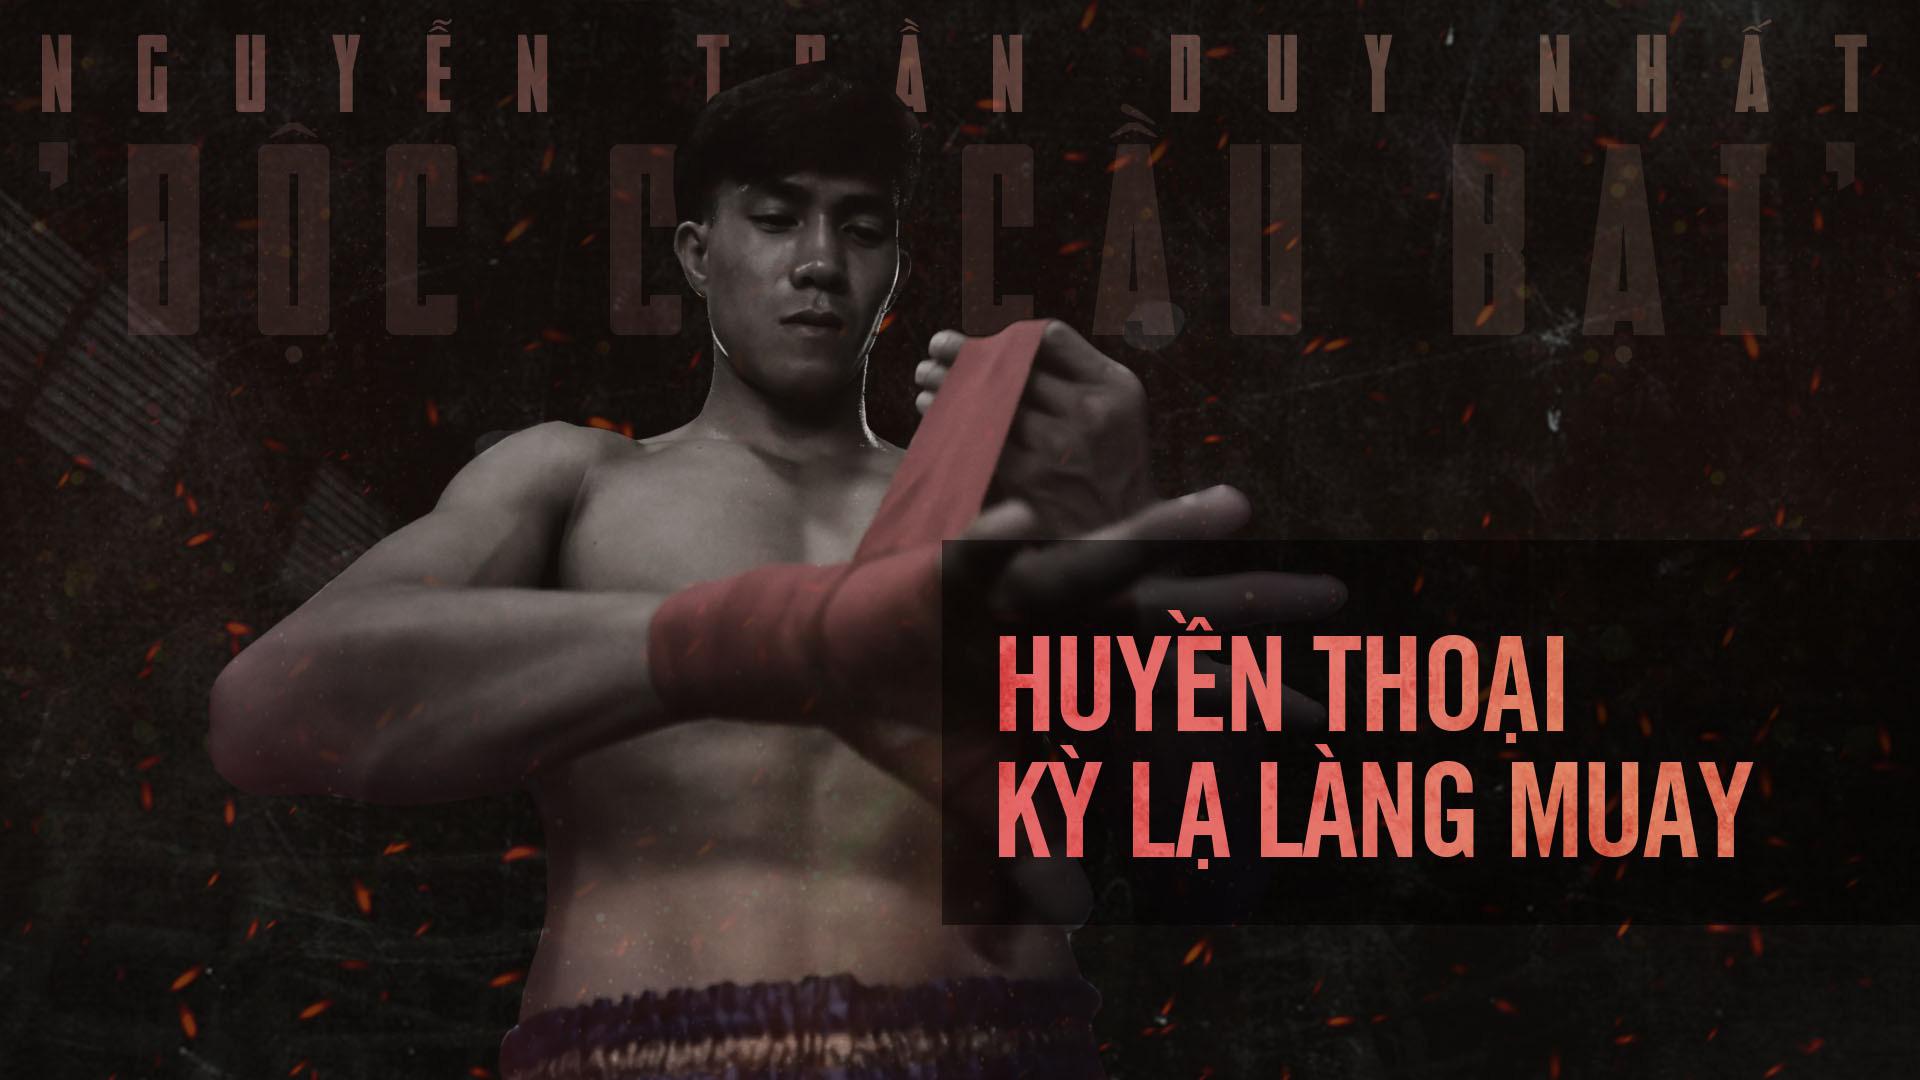 """Nguyễn Trần Duy Nhất: Hành trình kỳ lạ và """"ác mộng"""" SEA Games - Ảnh 1."""